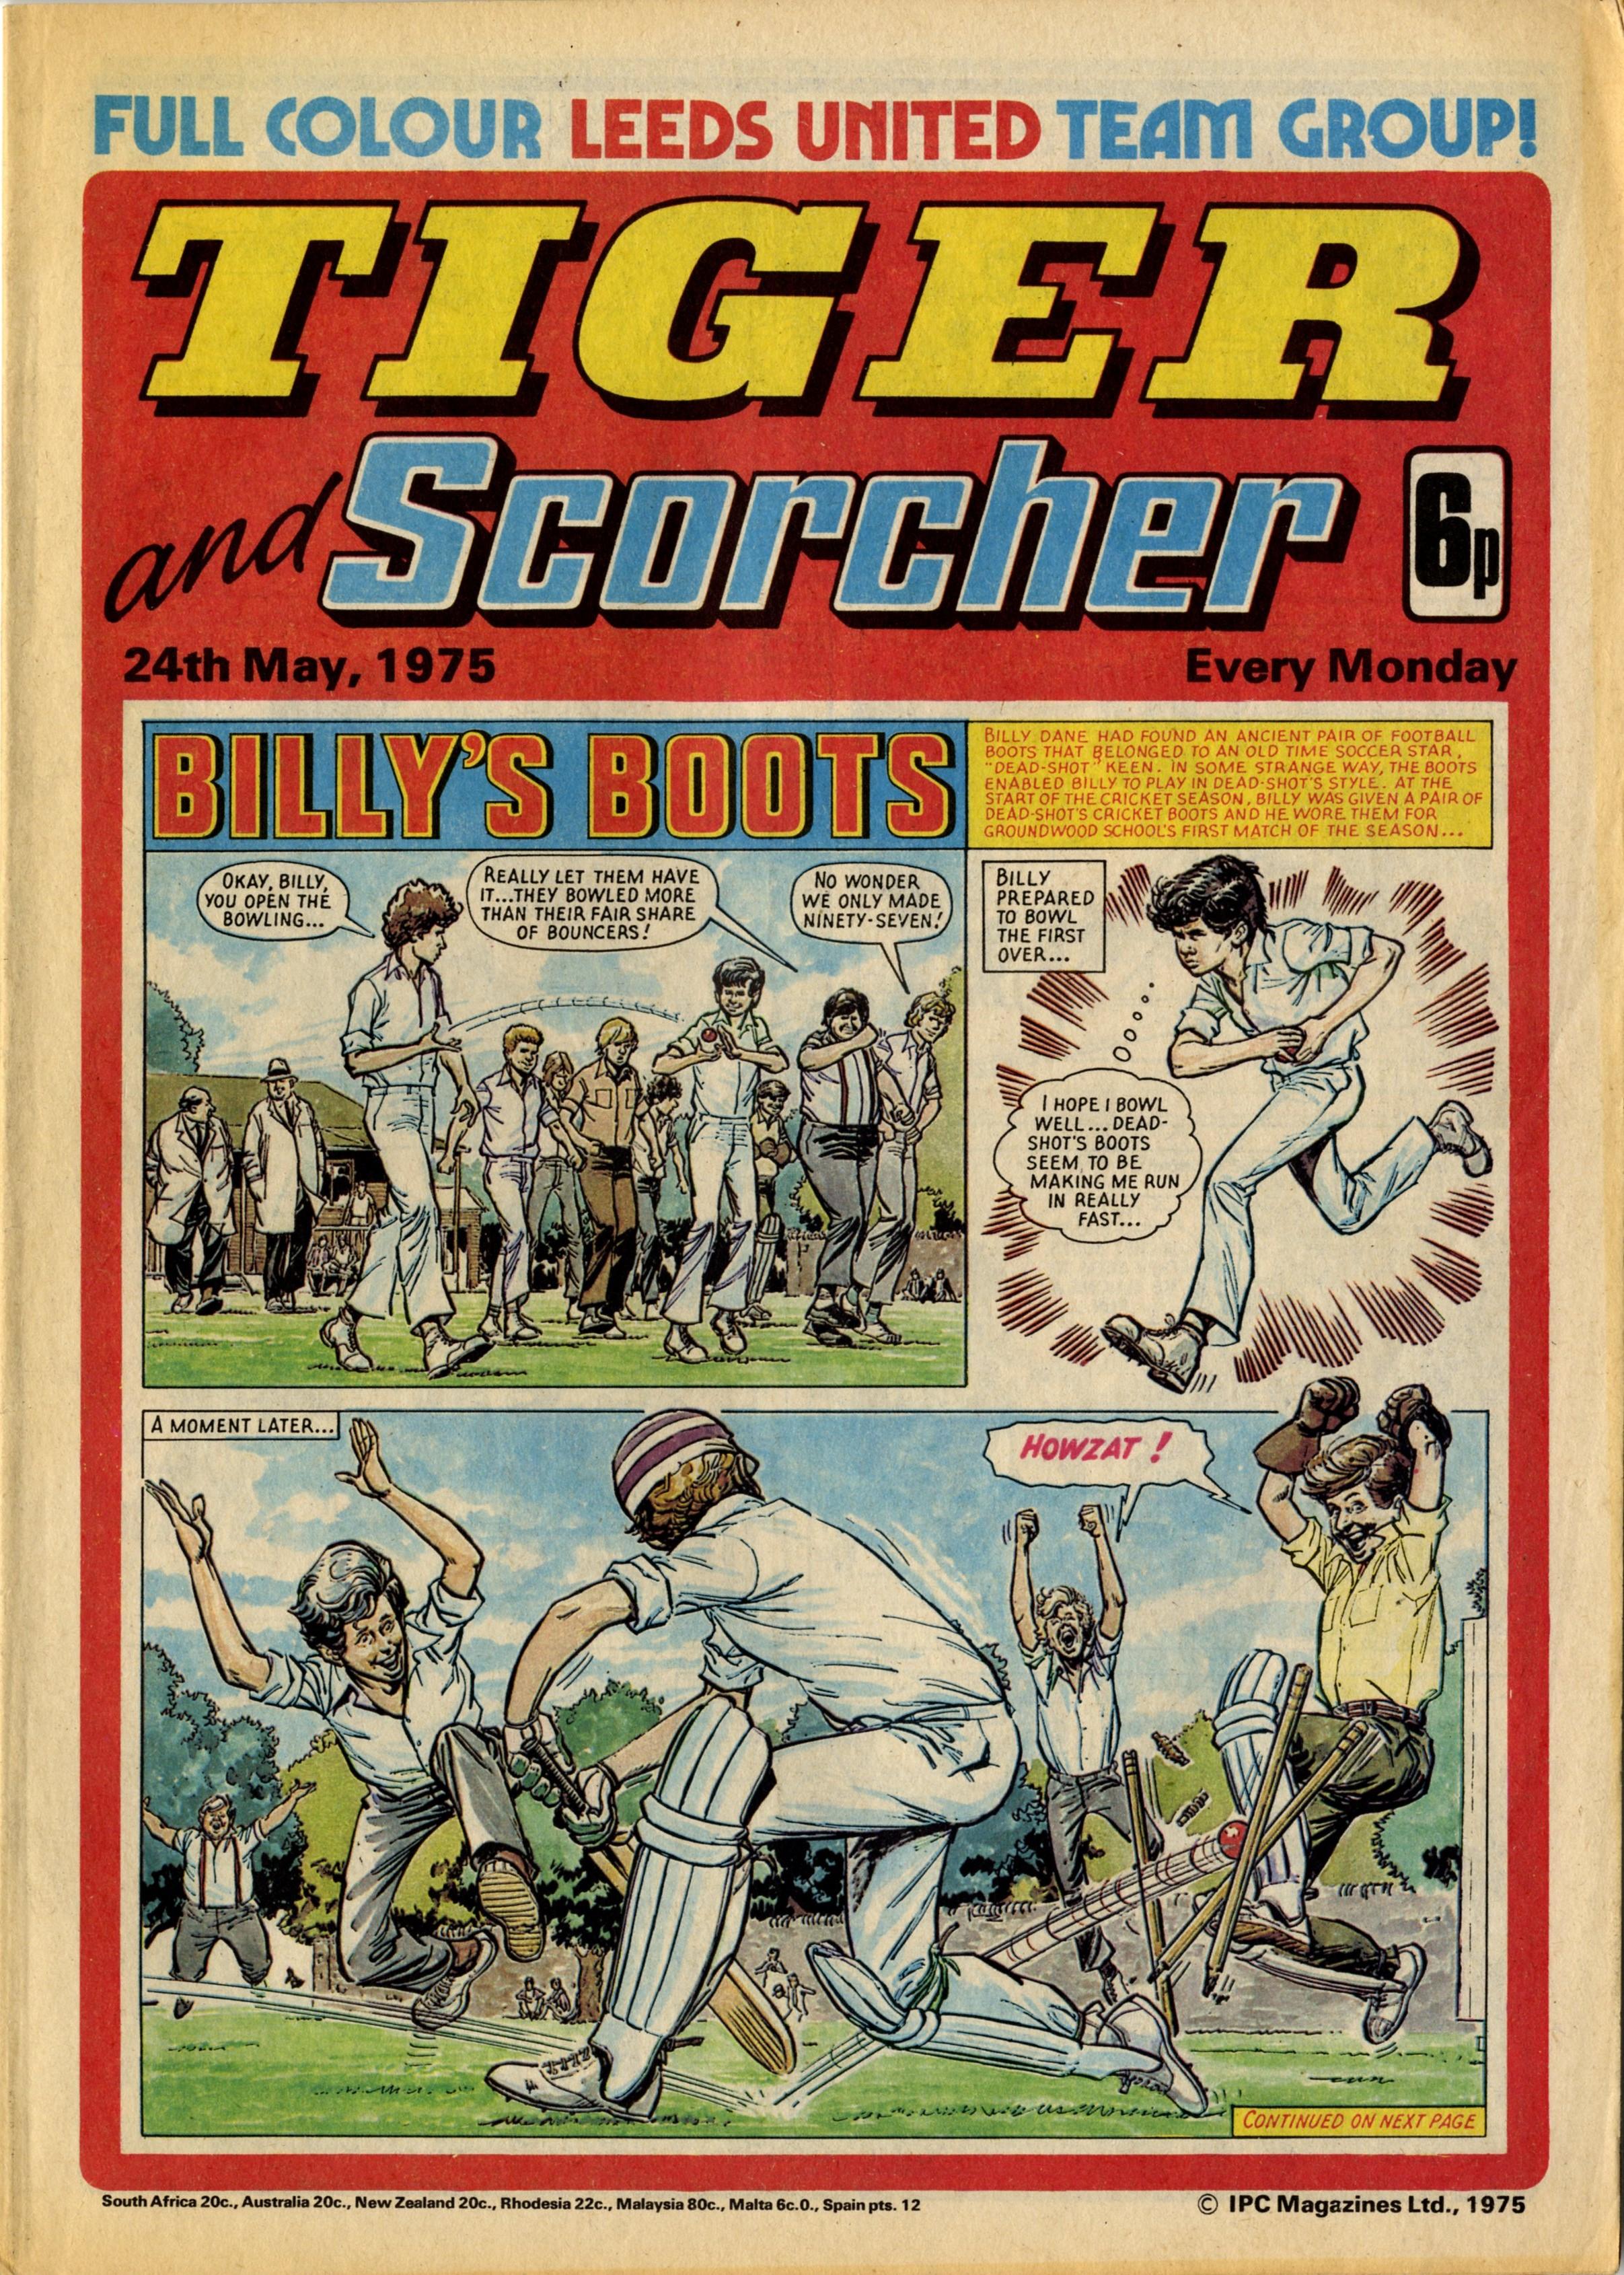 Cover artwork: John Gillatt (artist)